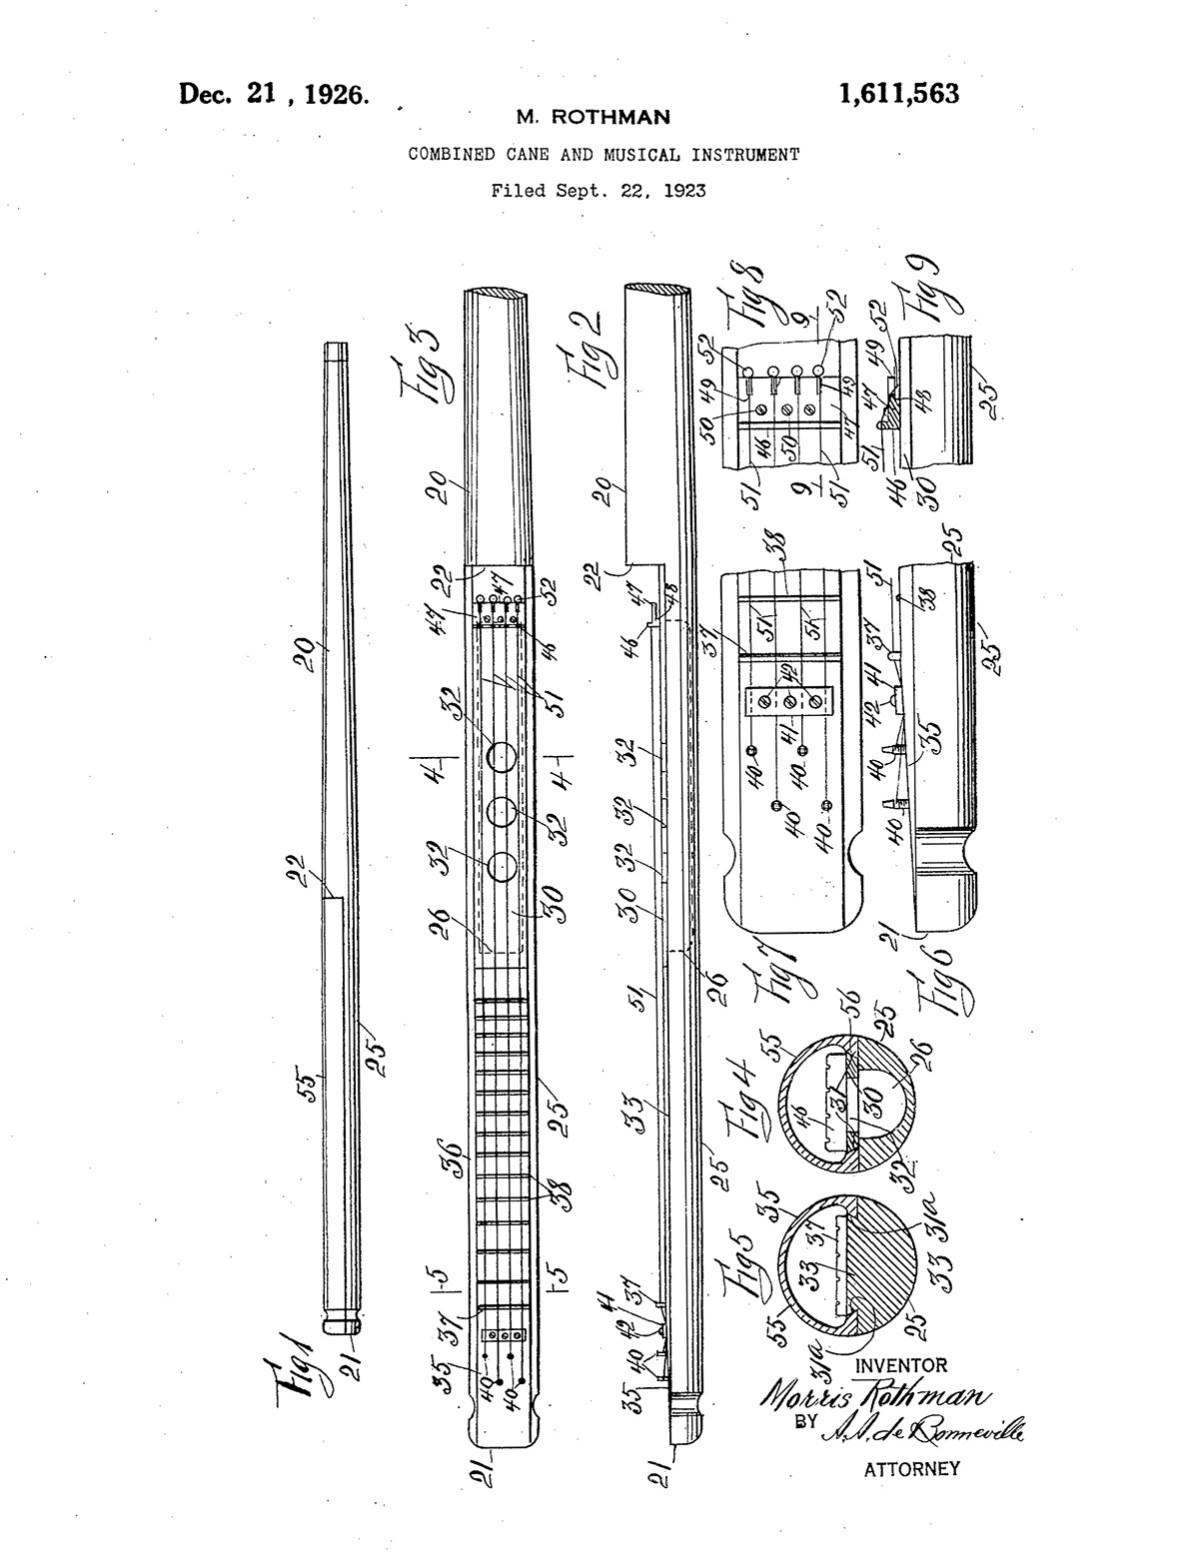 Morris Rothman's ukulele walking stick patent